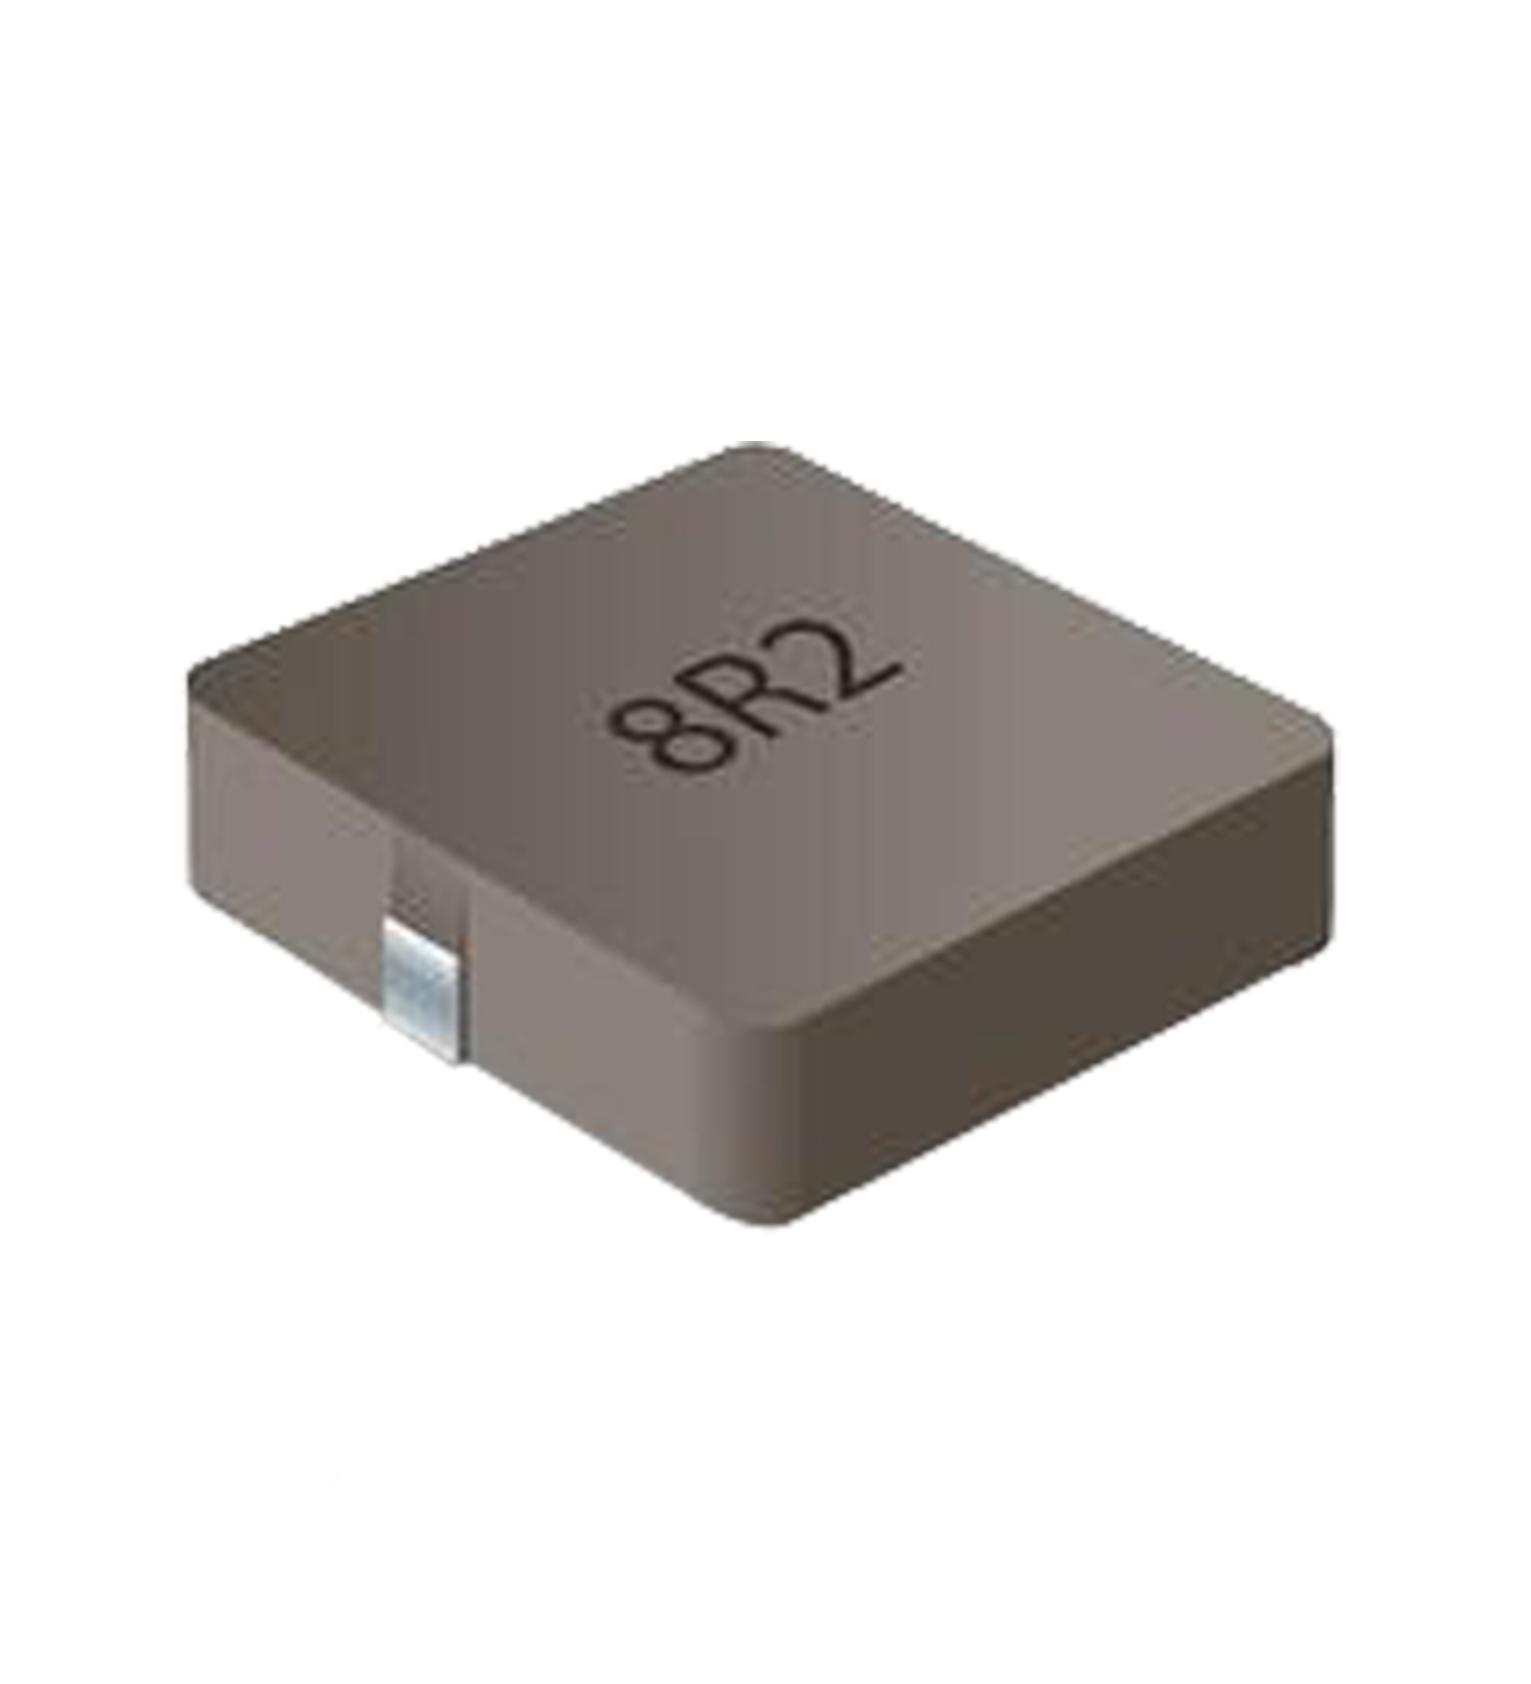 贴片一体成型电感器AUPI系列